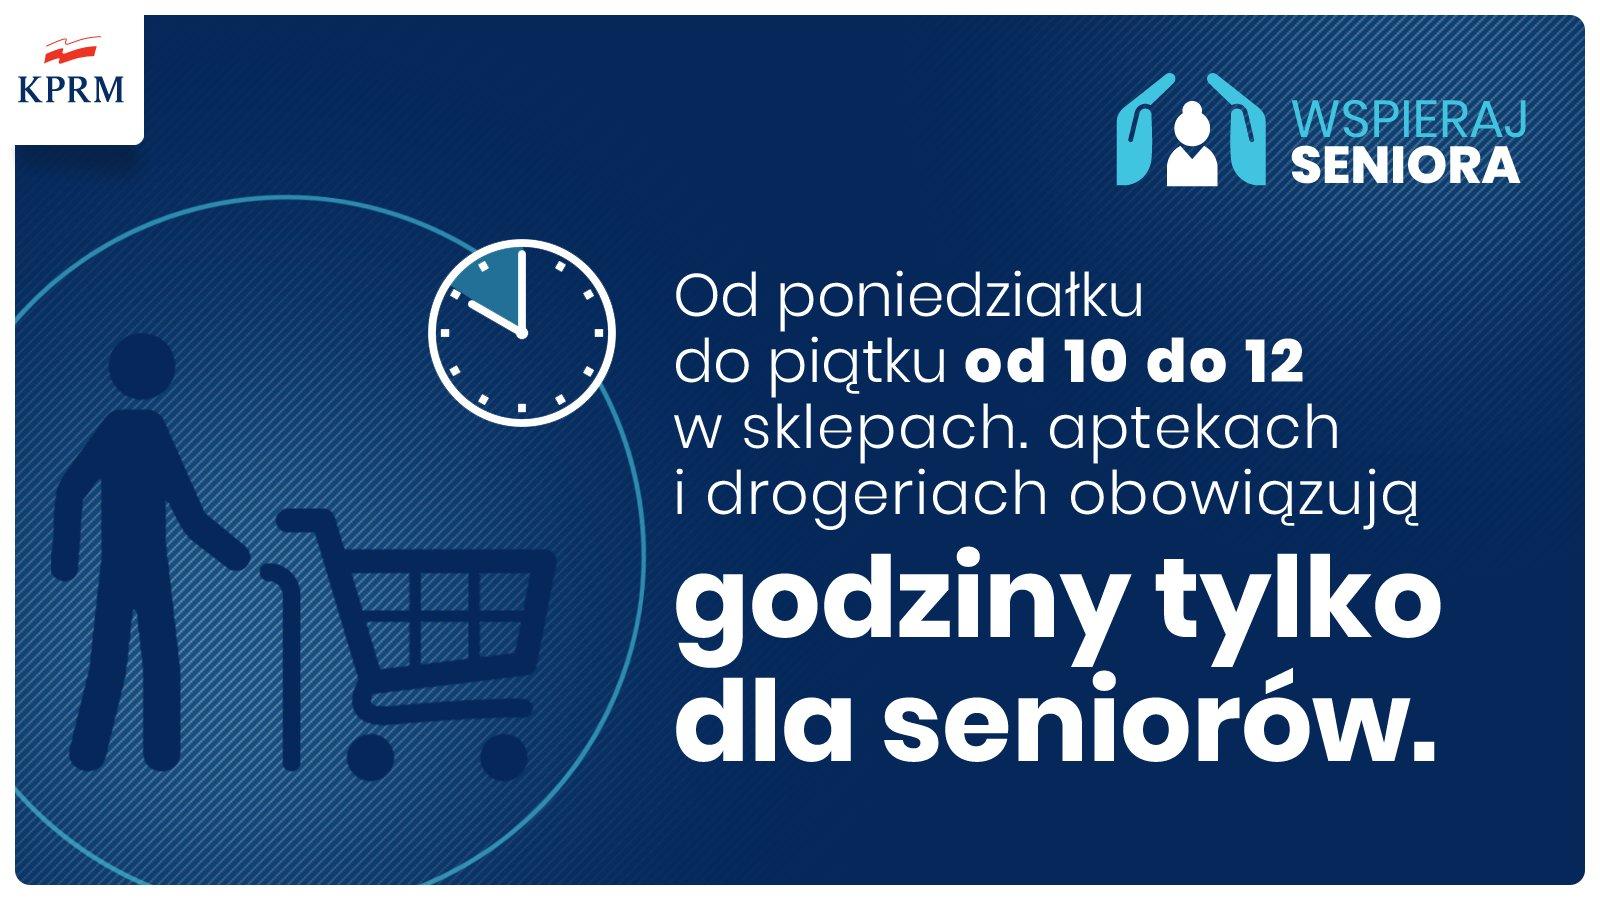 Grafika: Godziny tylko dla seniorów